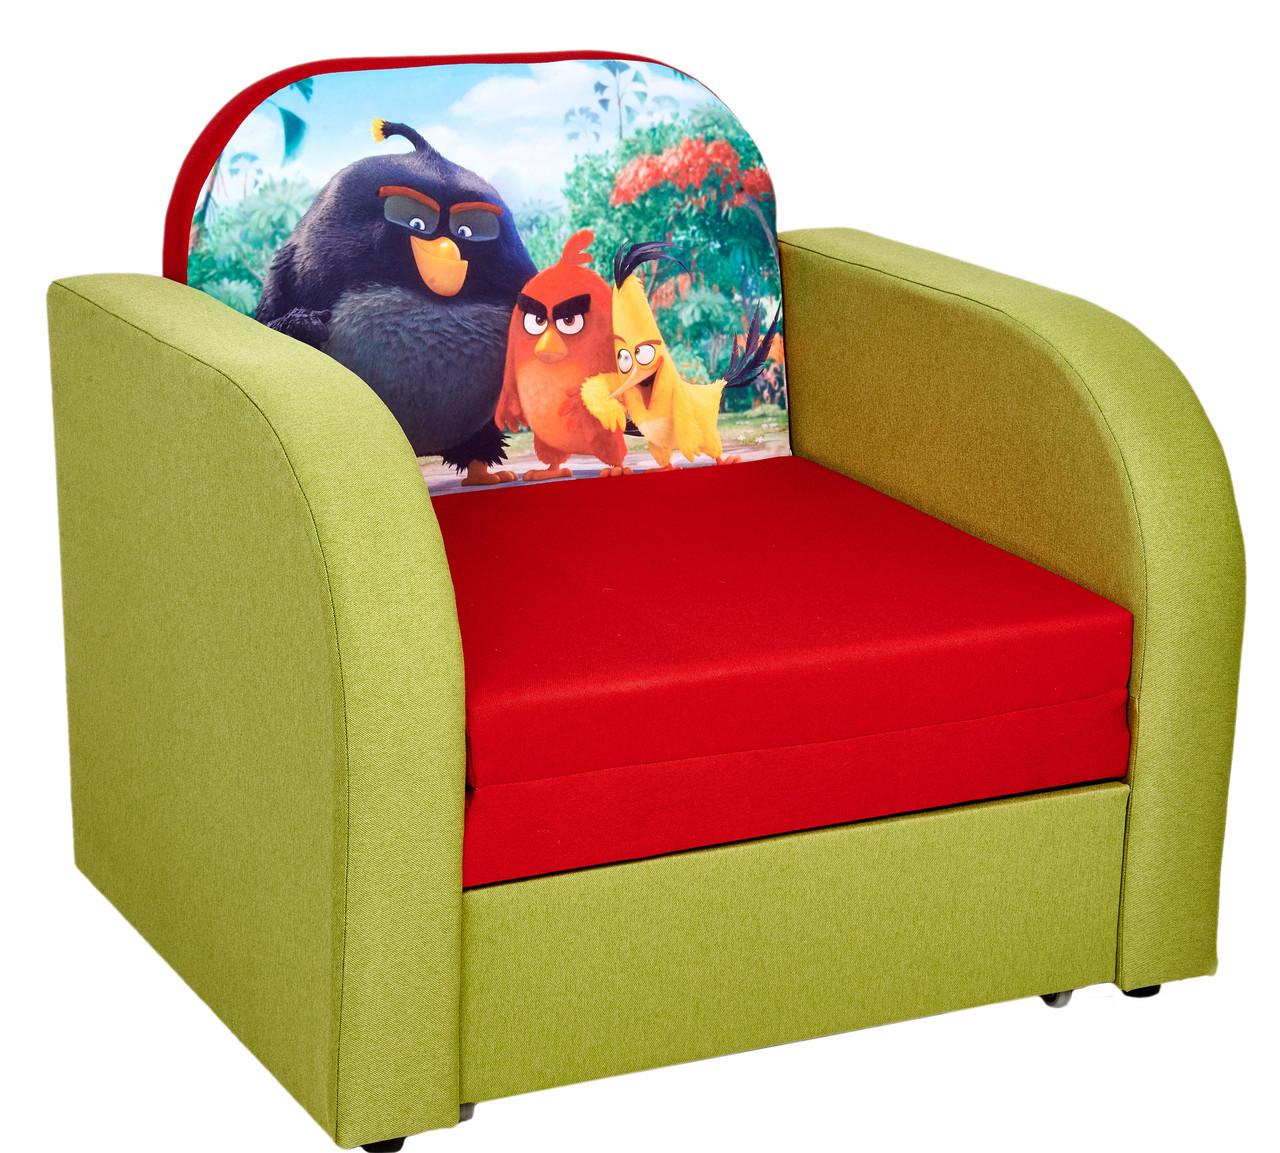 детское кресло кровать раскладное с ящиком для белья кай в